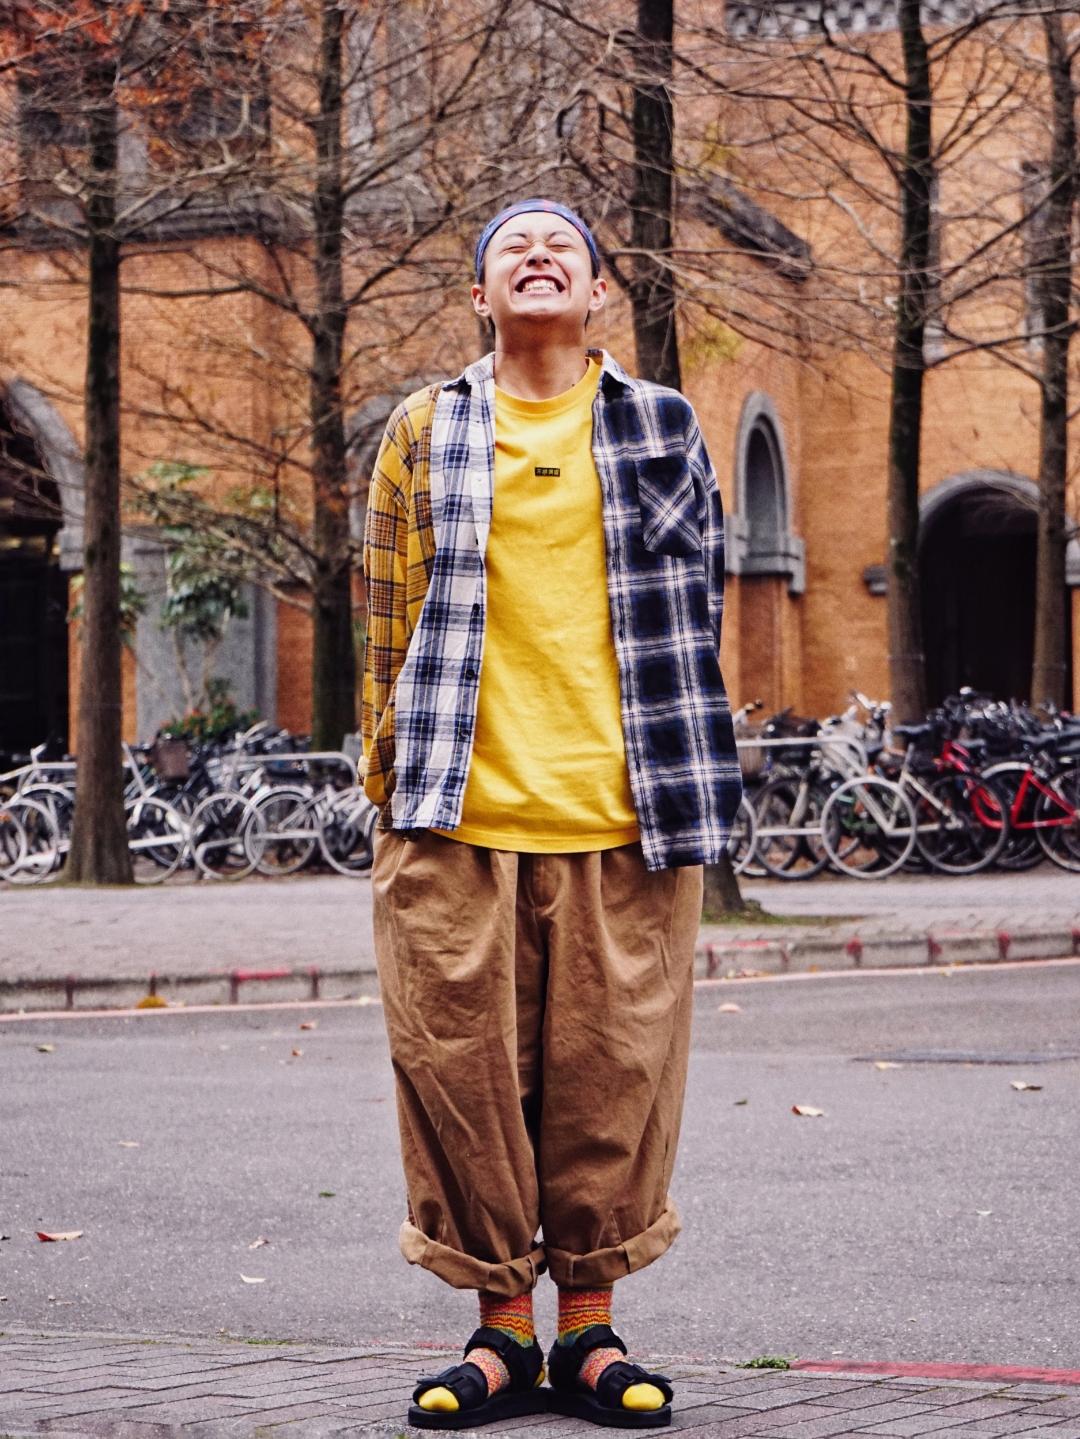 头巾:PROS BY CH T恤:S-SEDUCE食钓 衬衫:ROCKER CHEN 裤子:ANGLAN 袜子:DTROUBLE 鞋:SUICOKE  IG上很赞的ANGLAN拍照pose今天学到啦。 这条阔腿裤在桃园的一家店里,因为有韩国超有名的这家古着店Anglan的朋友,所以可以直接预定到这条裤子,裤型真的太好看啦! 这条裤子用明黄色做搭配,同一个色系又有不同的深浅,增加层次感,简单一件t+拼接衬衫就可以撑起整套look。 袜子+凉鞋已经不用再教啦,好几年前就公认是好看的搭配,花袜子搭起来就格外好看。  ☝#开春穿上阔腿裤的我,真香!#